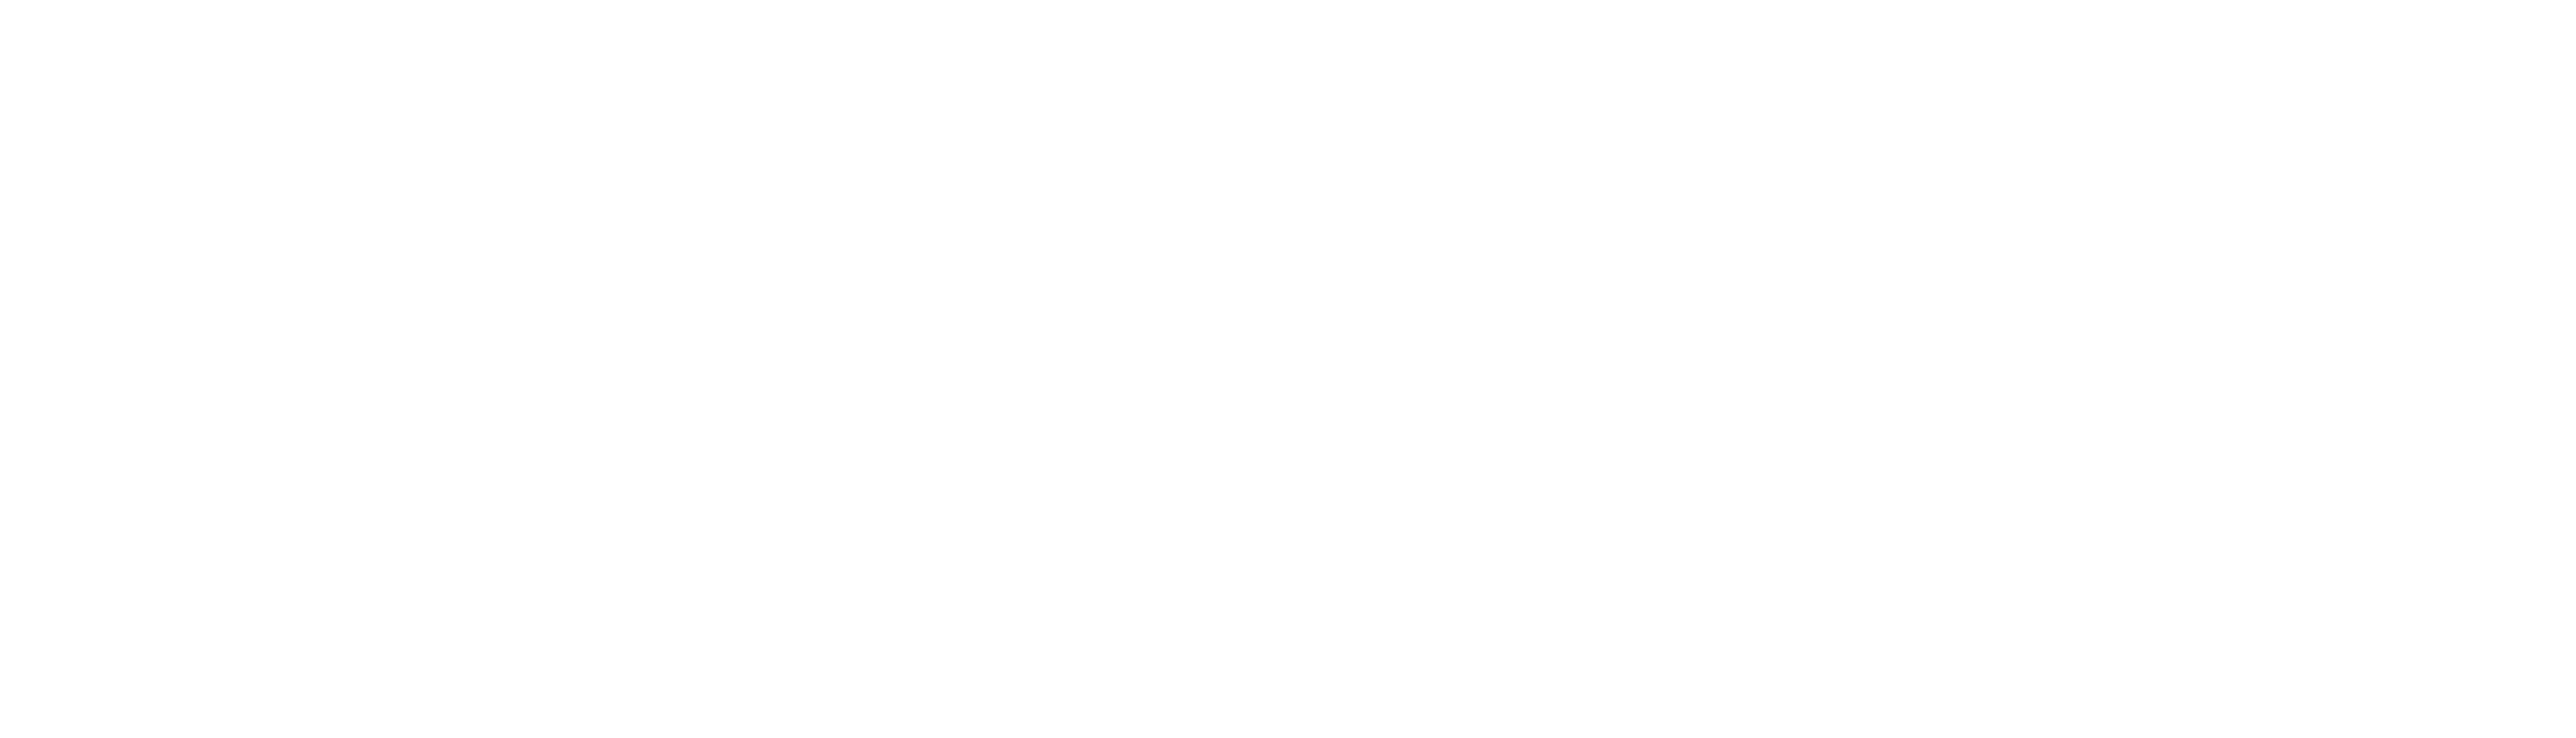 Ecster Finans